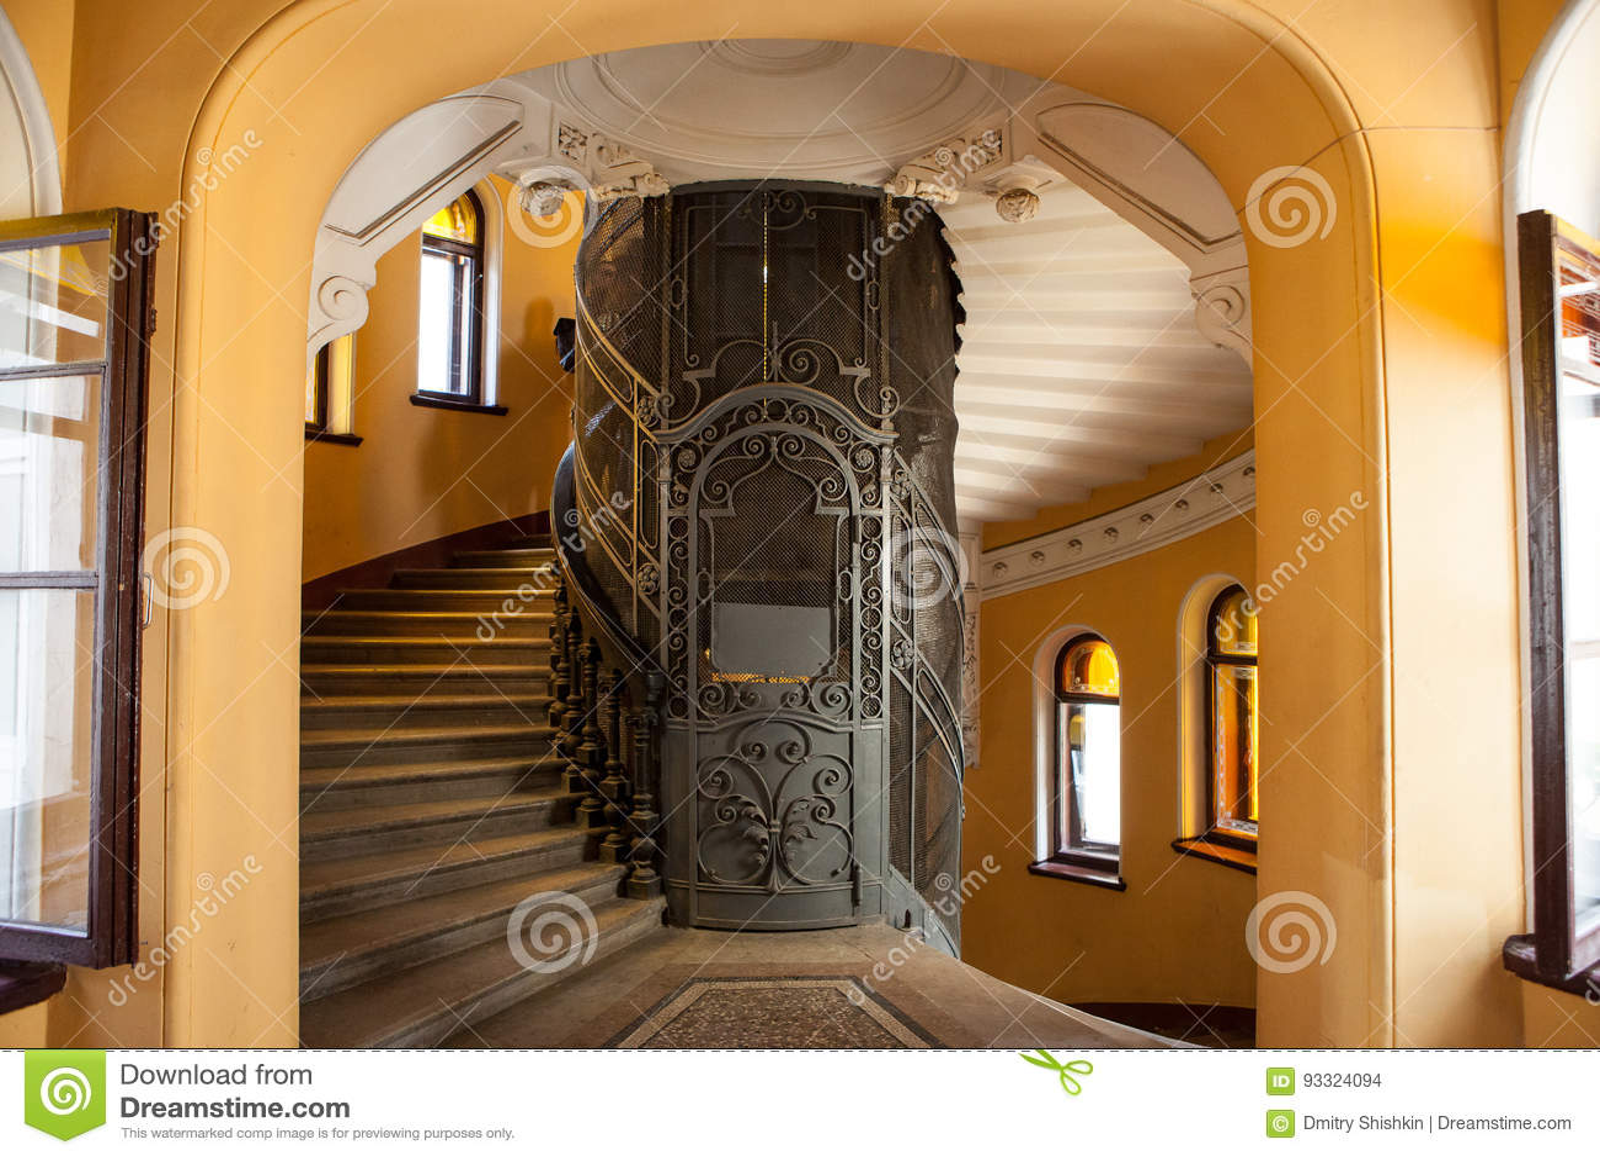 Lift In Huis : De oude lift in de ingang van een huis stock foto afbeelding